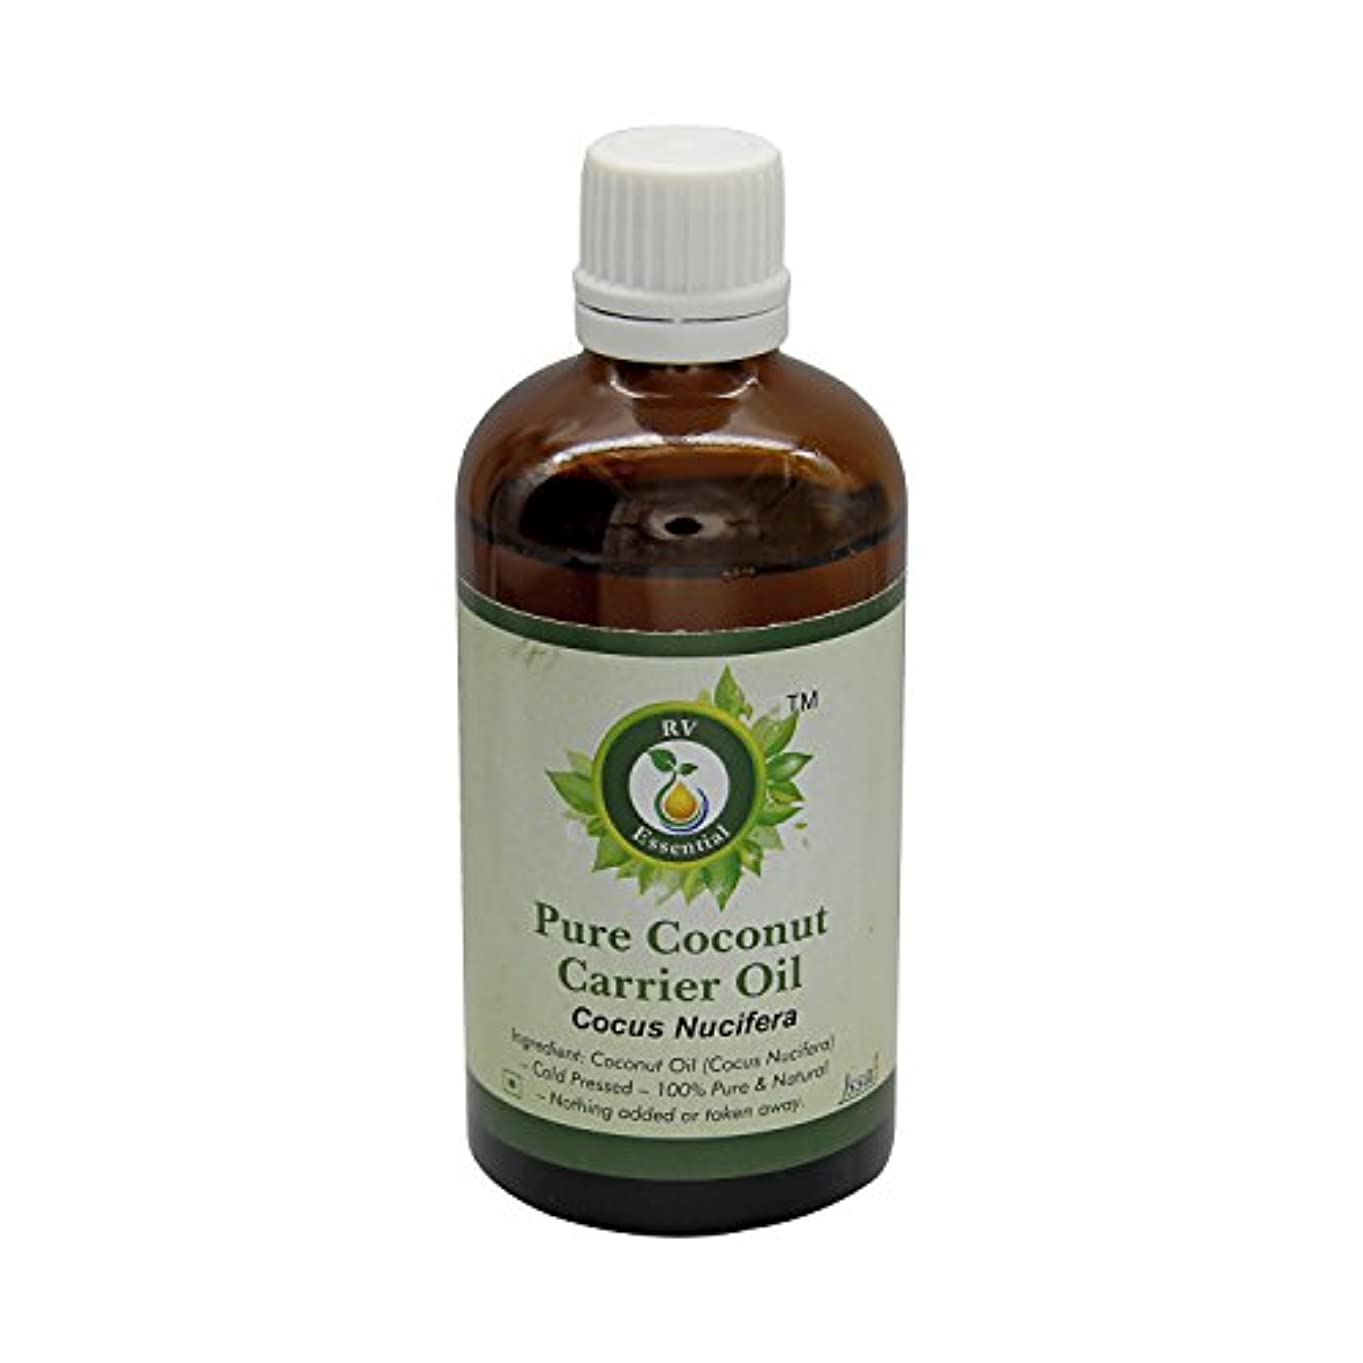 識別するバラエティ消すR V Essential 純粋なココナッツキャリアオイル30ml (1.01oz)- Cocus Nucifera (100%ピュア&ナチュラルコールドPressed) Pure Coconut Carrier Oil